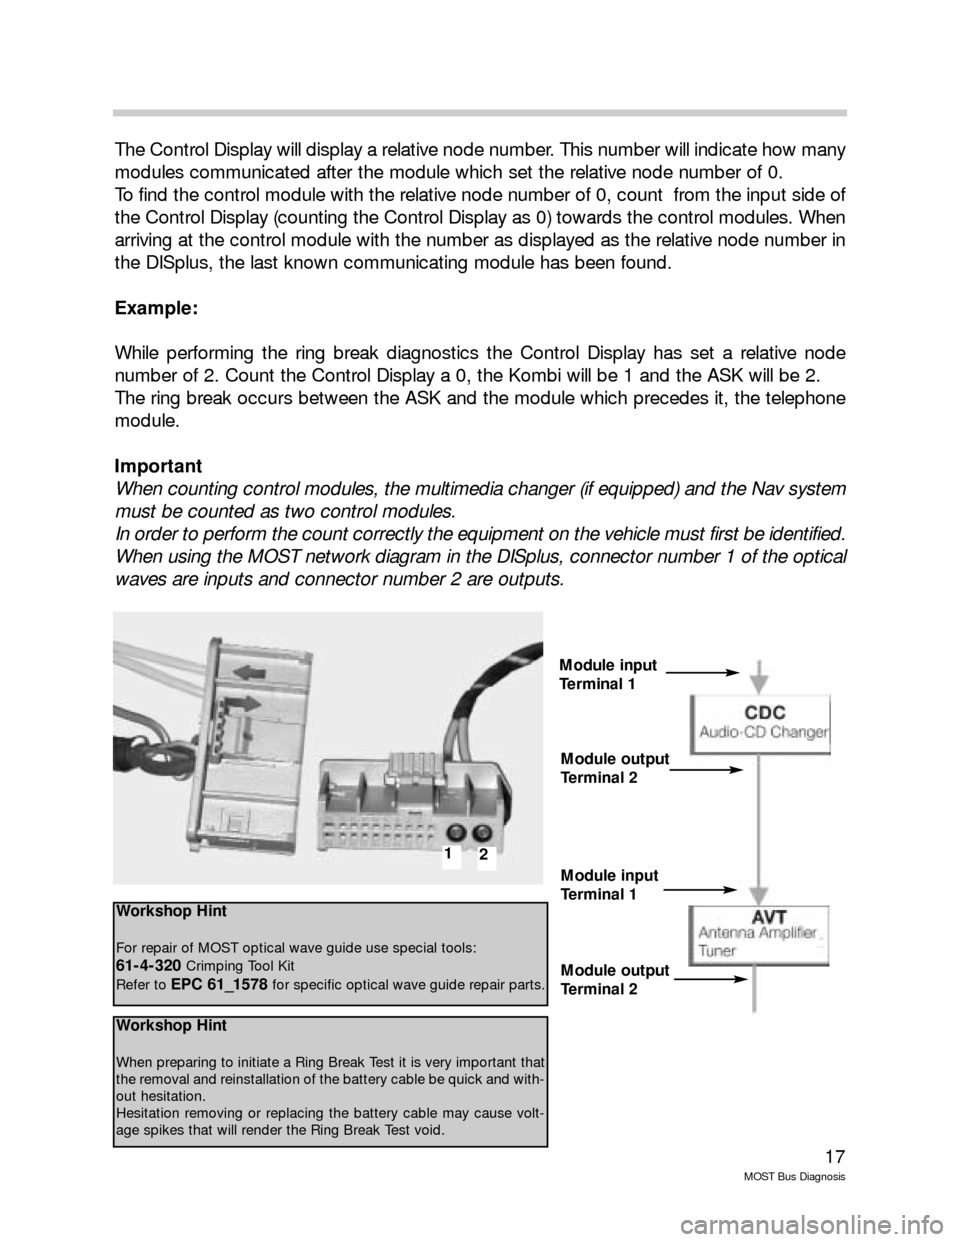 Bmw 7 series 2005 e65 most bus diagnosis workshop manual description bmw x3 repair